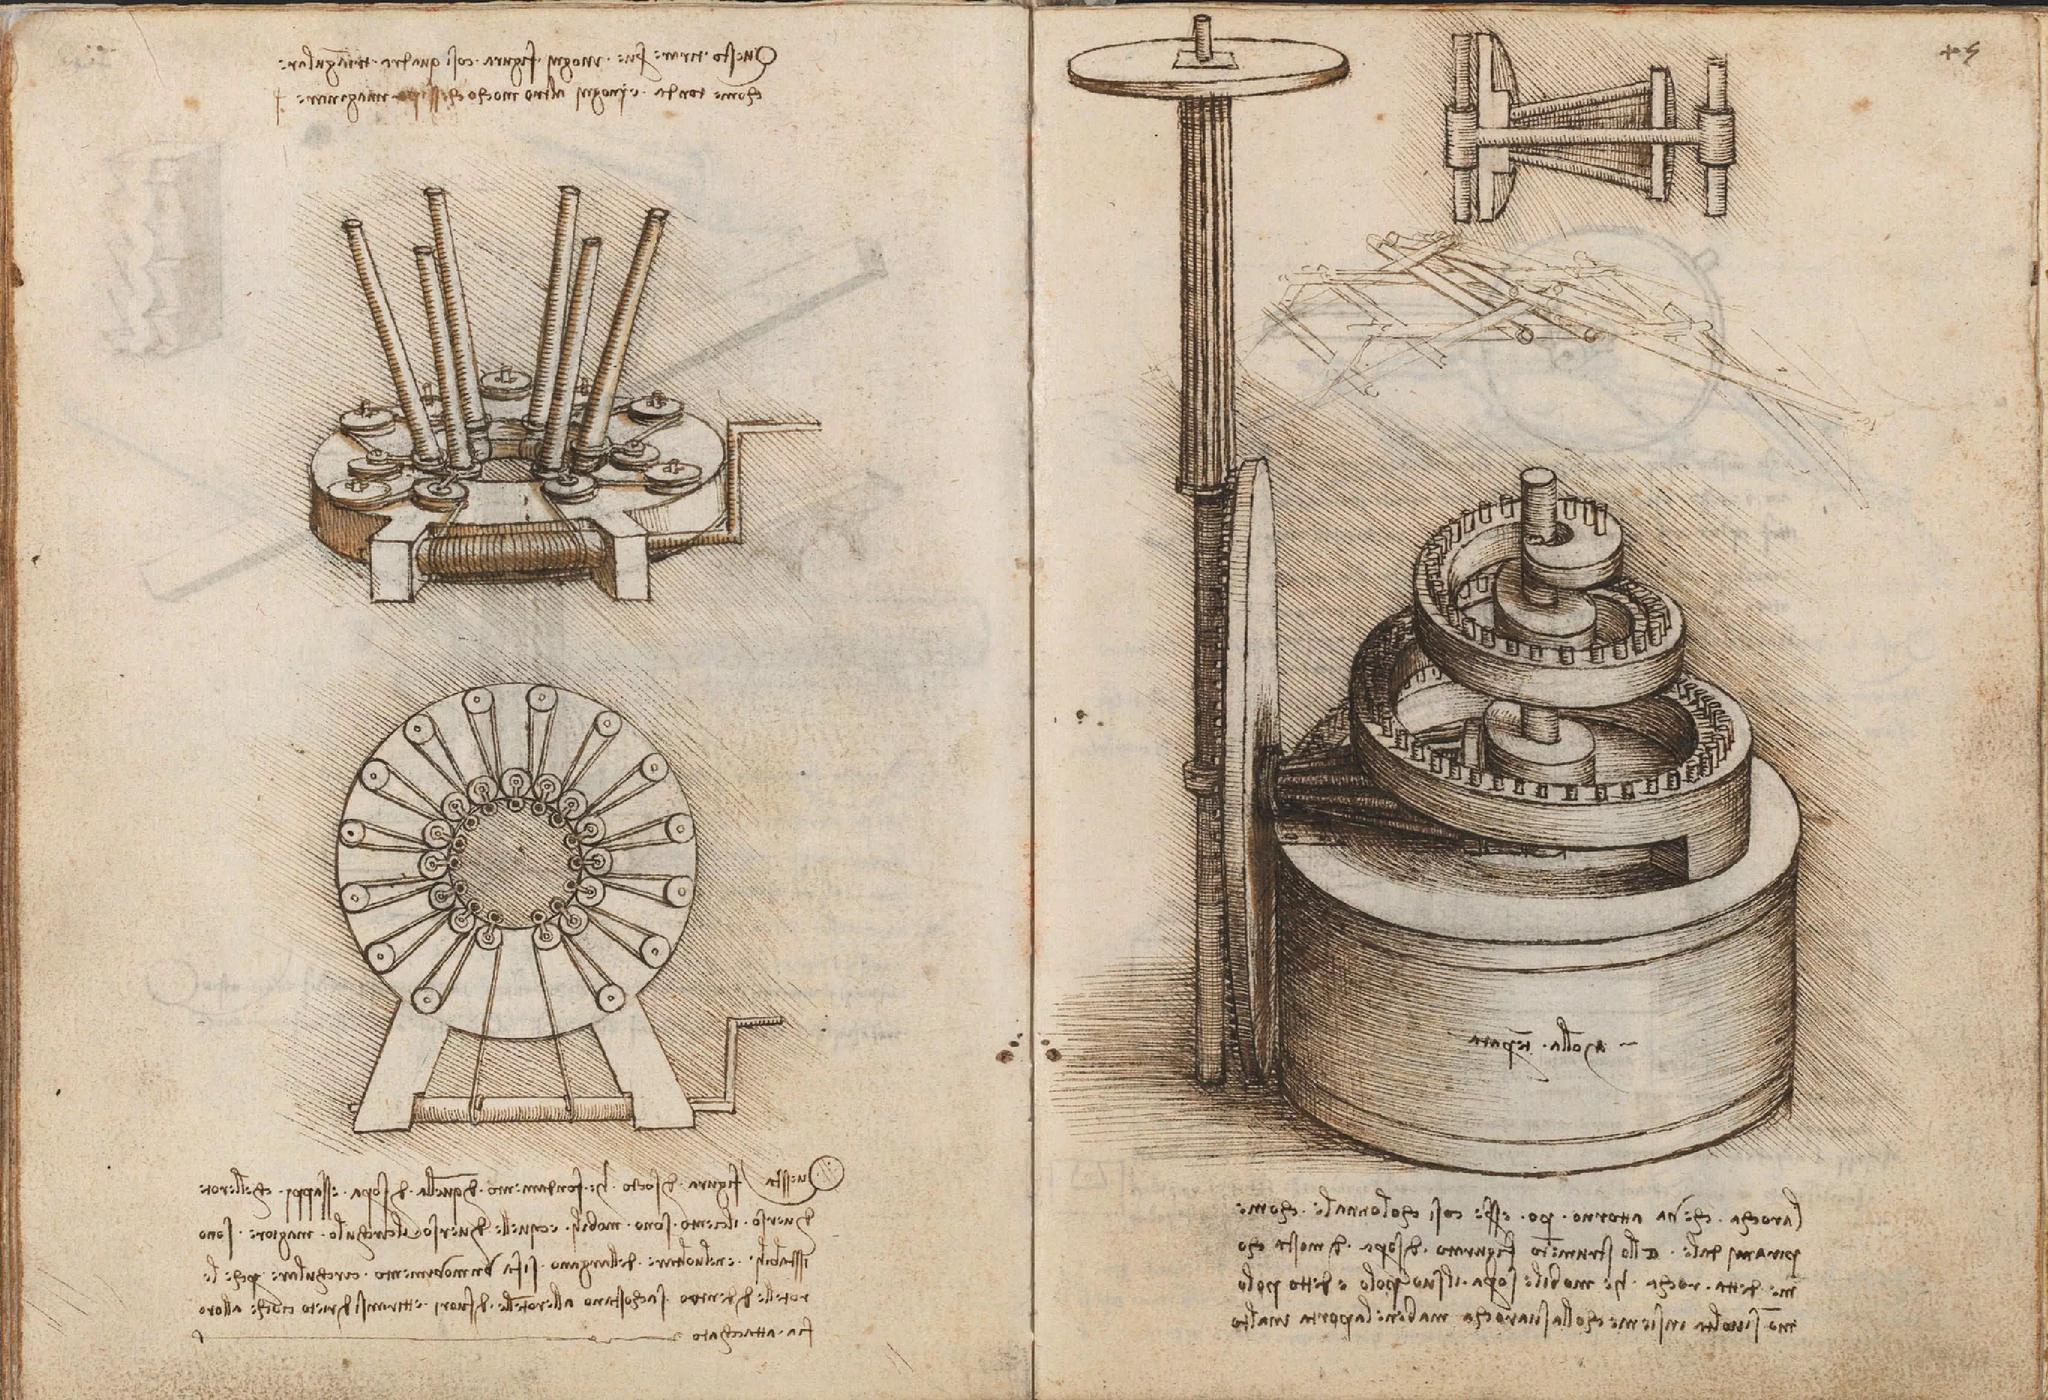 列奥纳多·迪·皮耶罗·达·芬奇是整个欧洲文艺复兴时期的代表之一